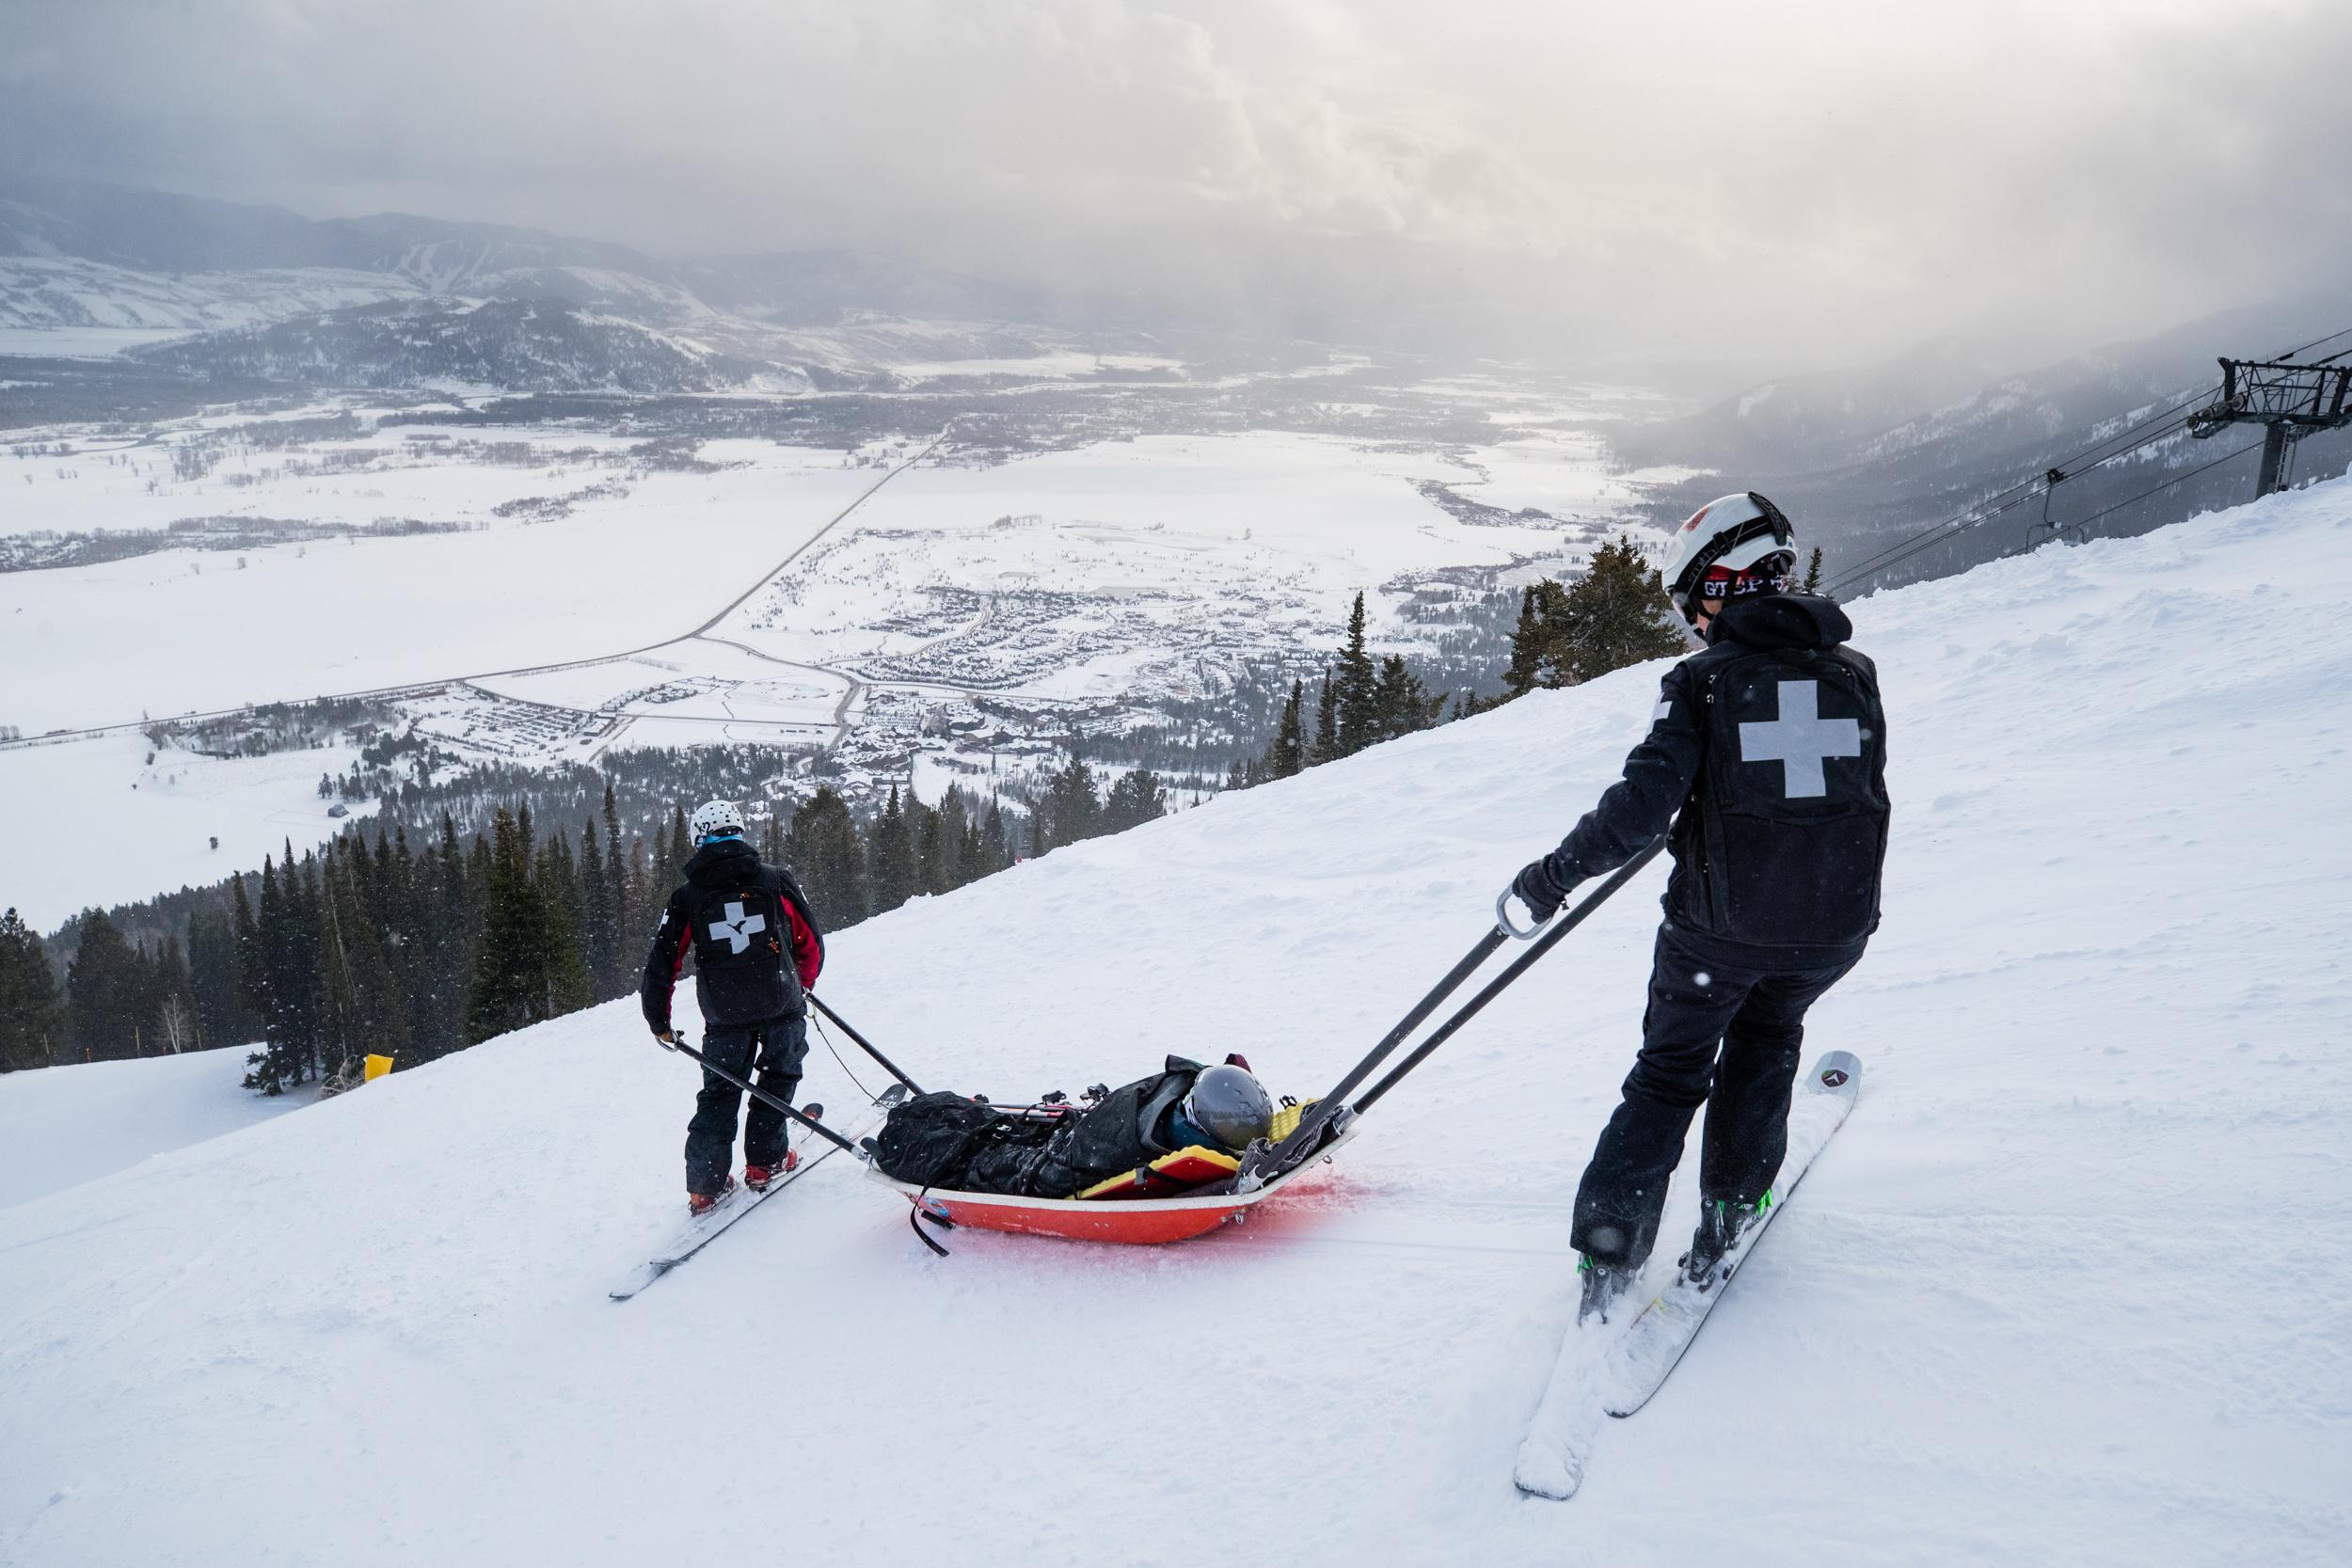 YETI-IRL-Curt-JacksonHole-Rescue